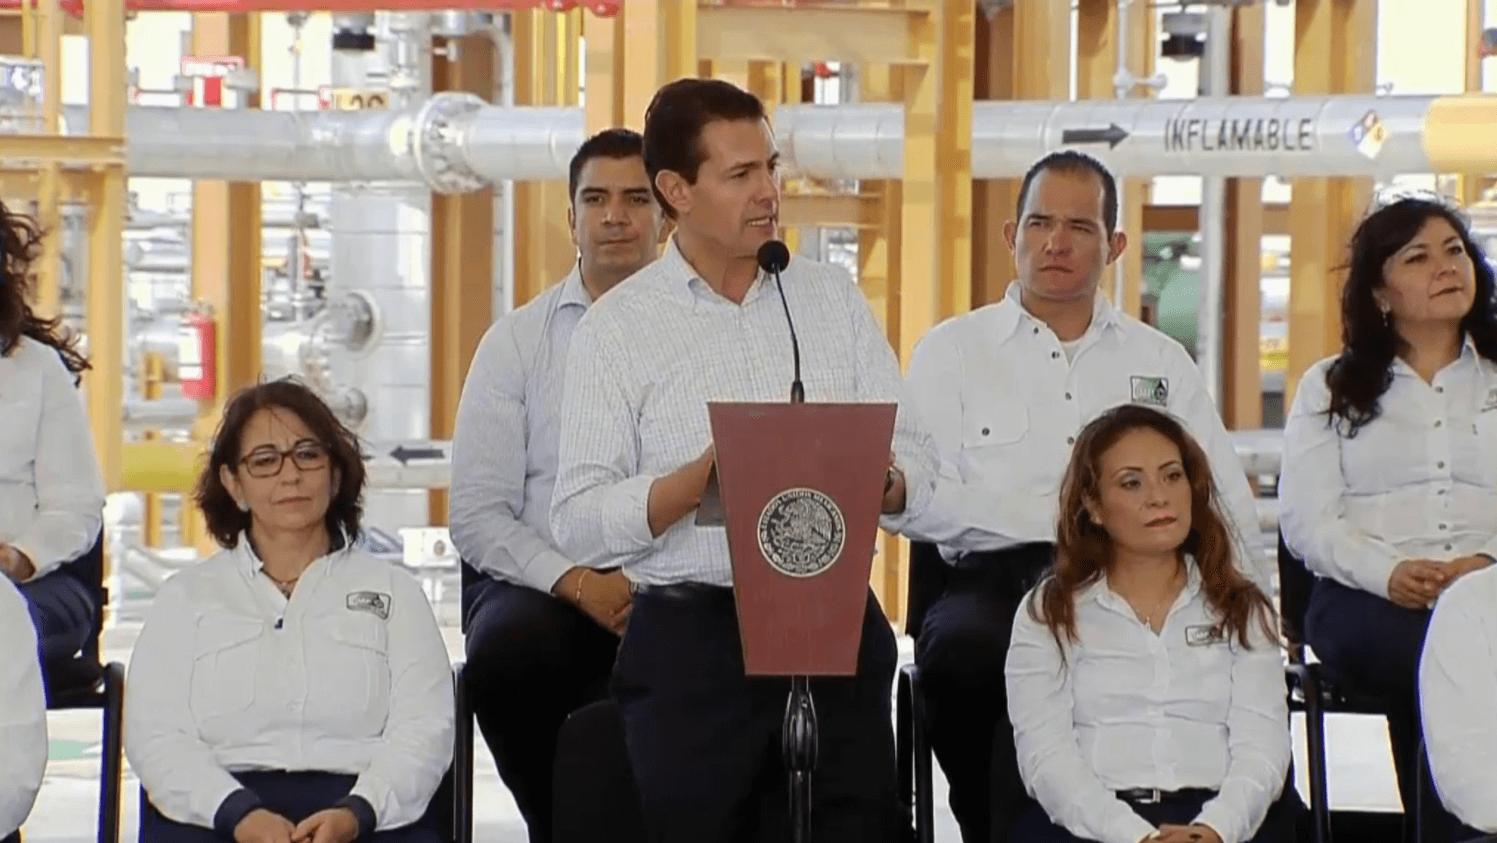 Asegura Peña Nieto que tirar reforma energética condenaría al país